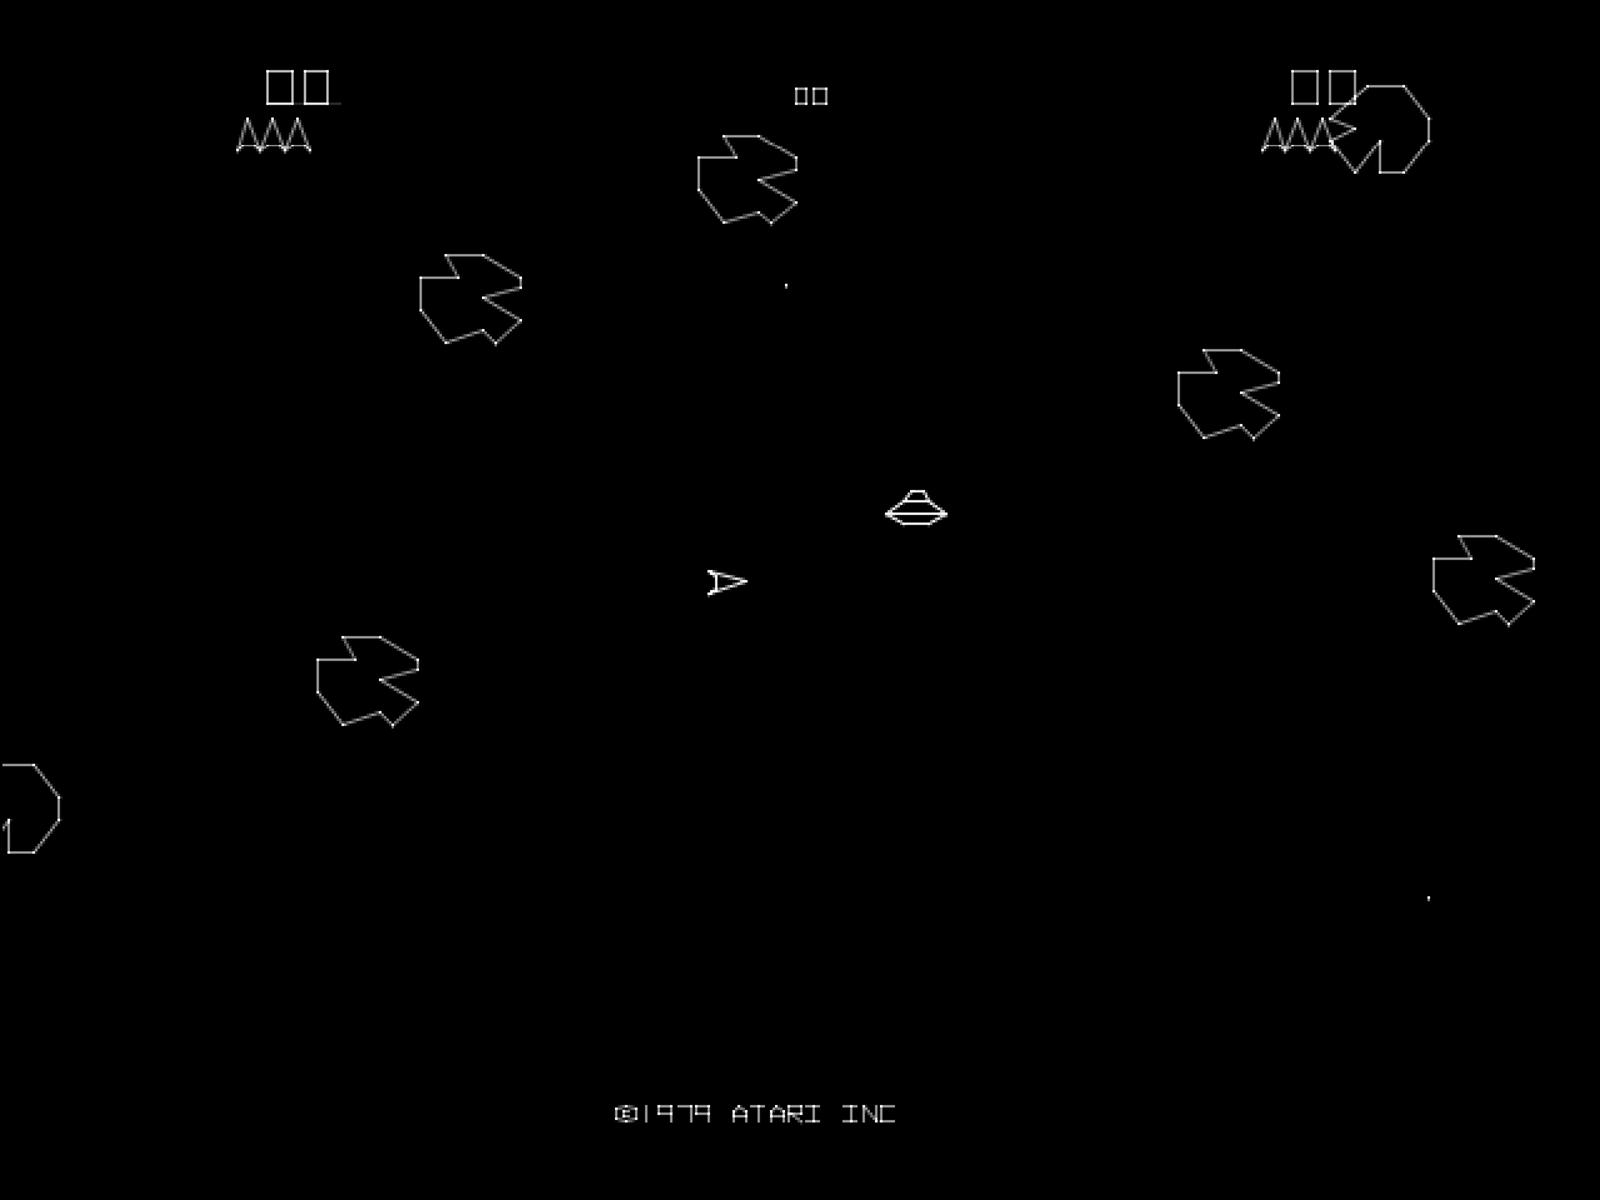 Оригинальный Asteroids 1979 года